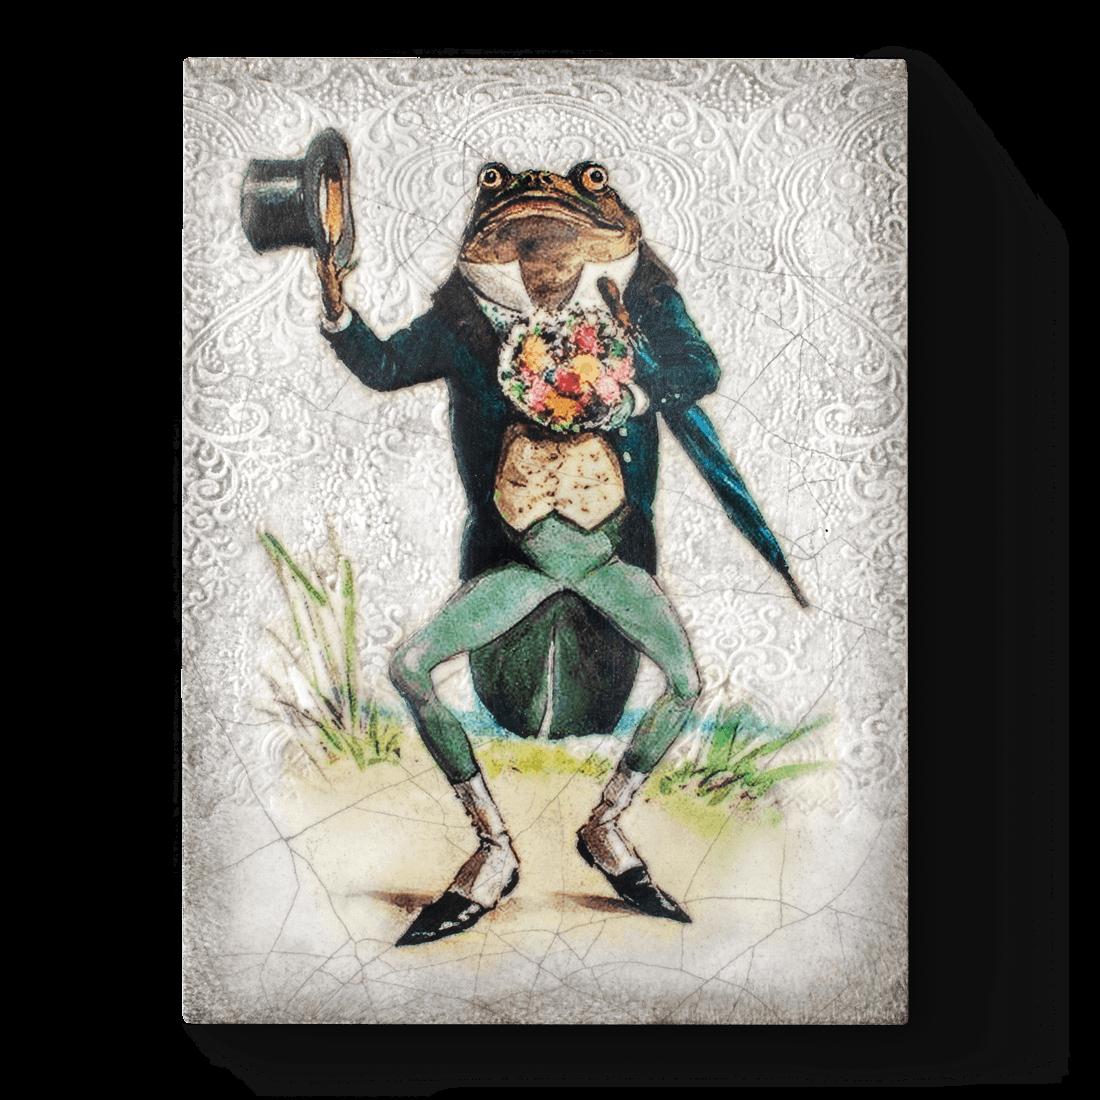 Sir Frog, Sid Dickens